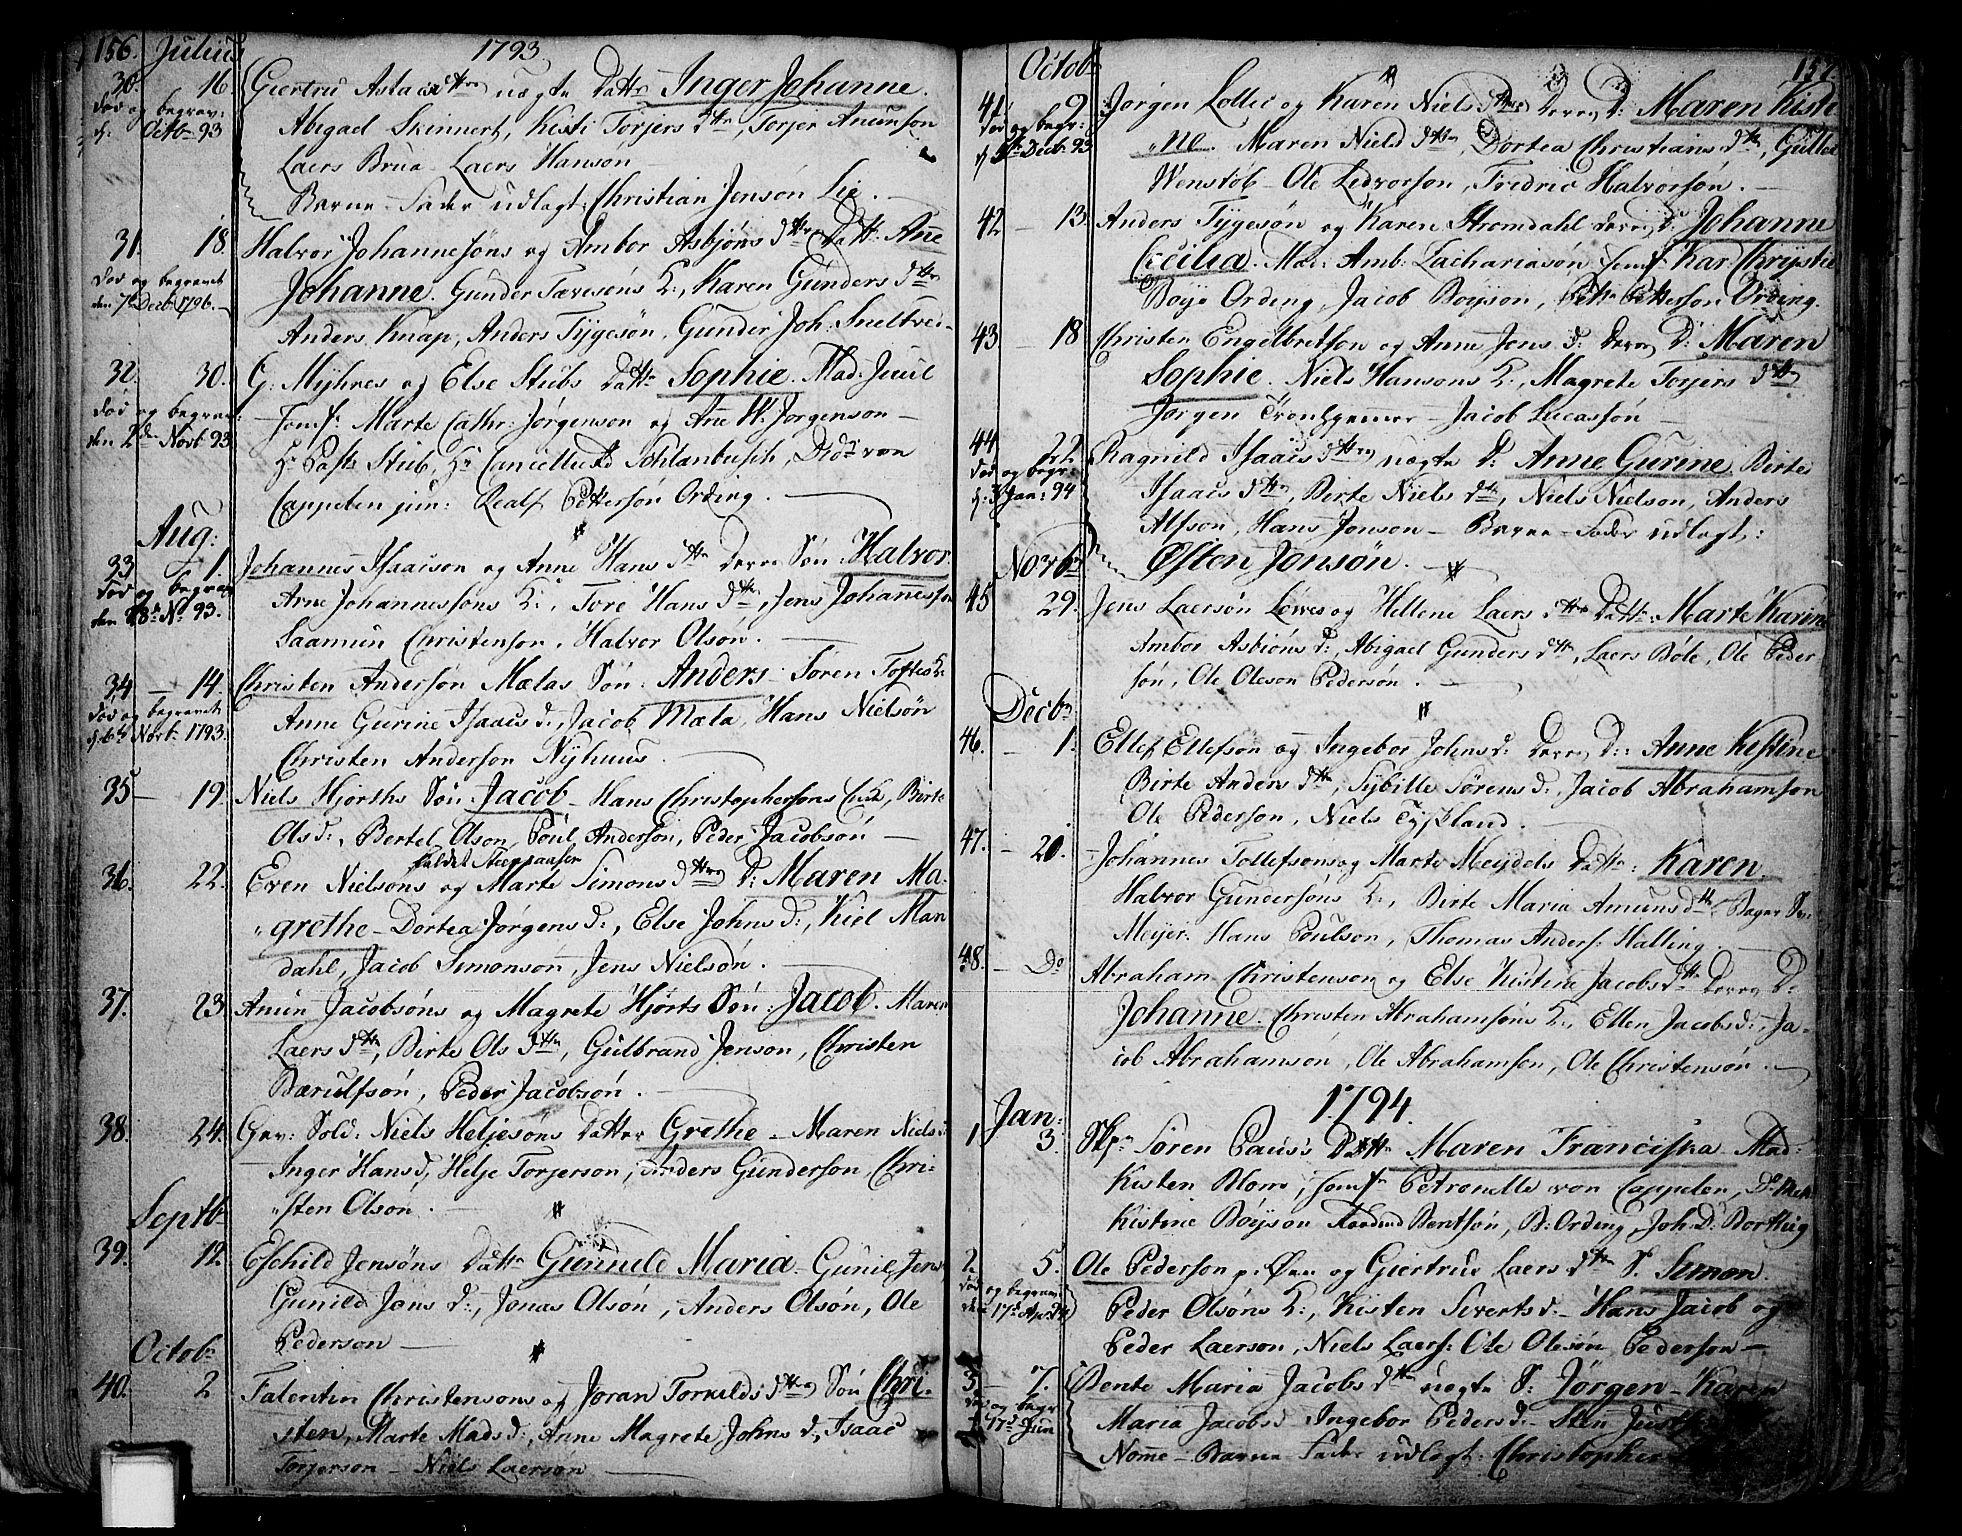 SAKO, Skien kirkebøker, F/Fa/L0004: Ministerialbok nr. 4, 1792-1814, s. 156-157